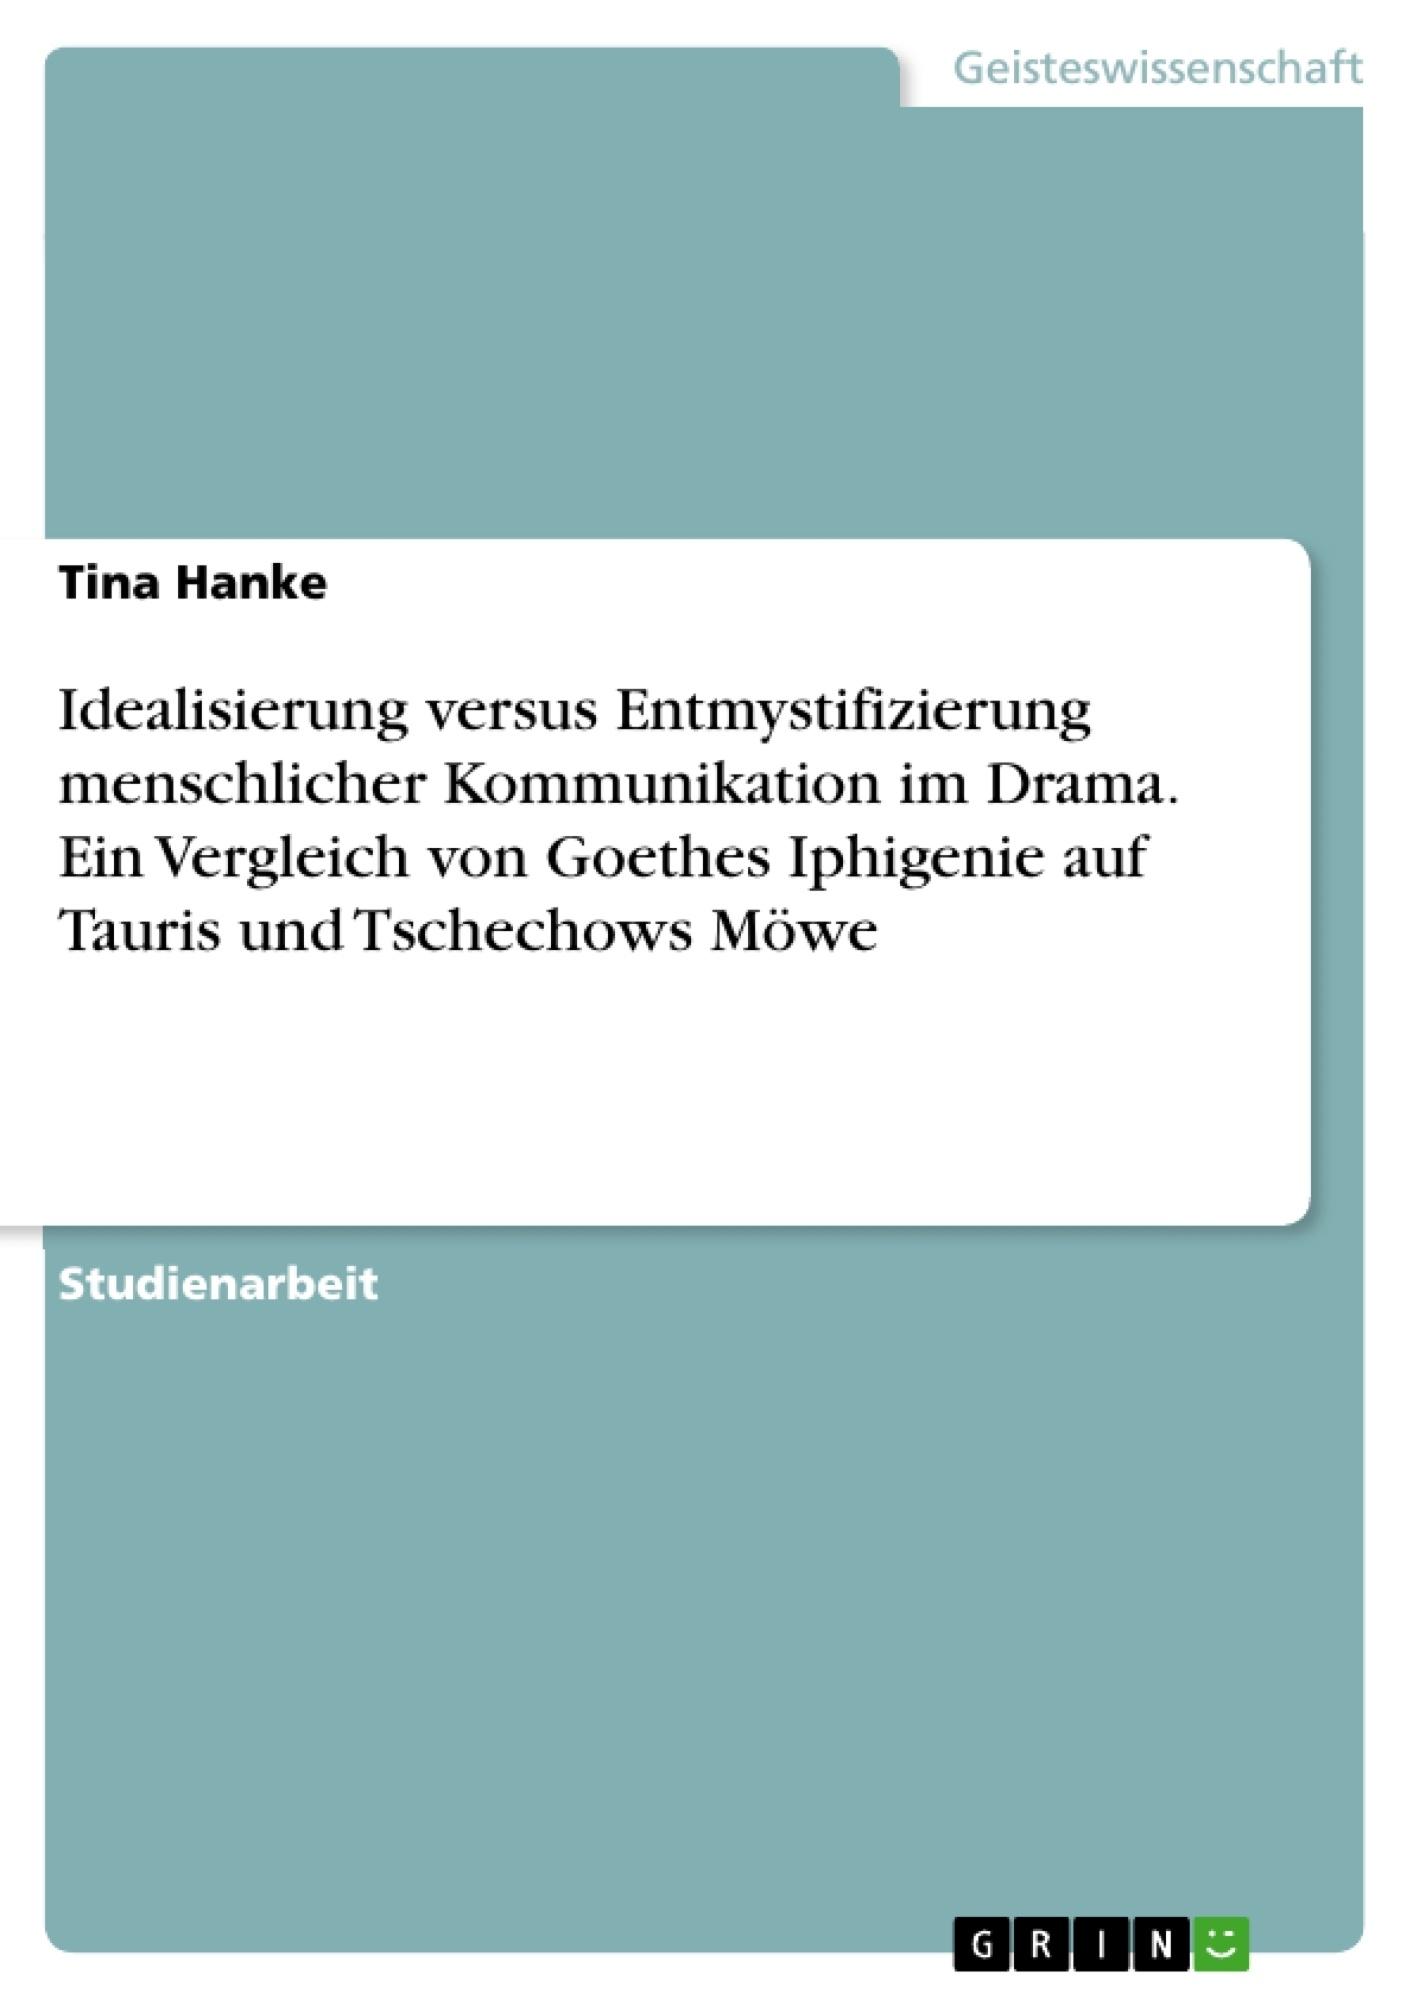 Titel: Idealisierung versus Entmystifizierung menschlicher Kommunikation im Drama. Ein Vergleich von Goethes Iphigenie auf Tauris und Tschechows Möwe